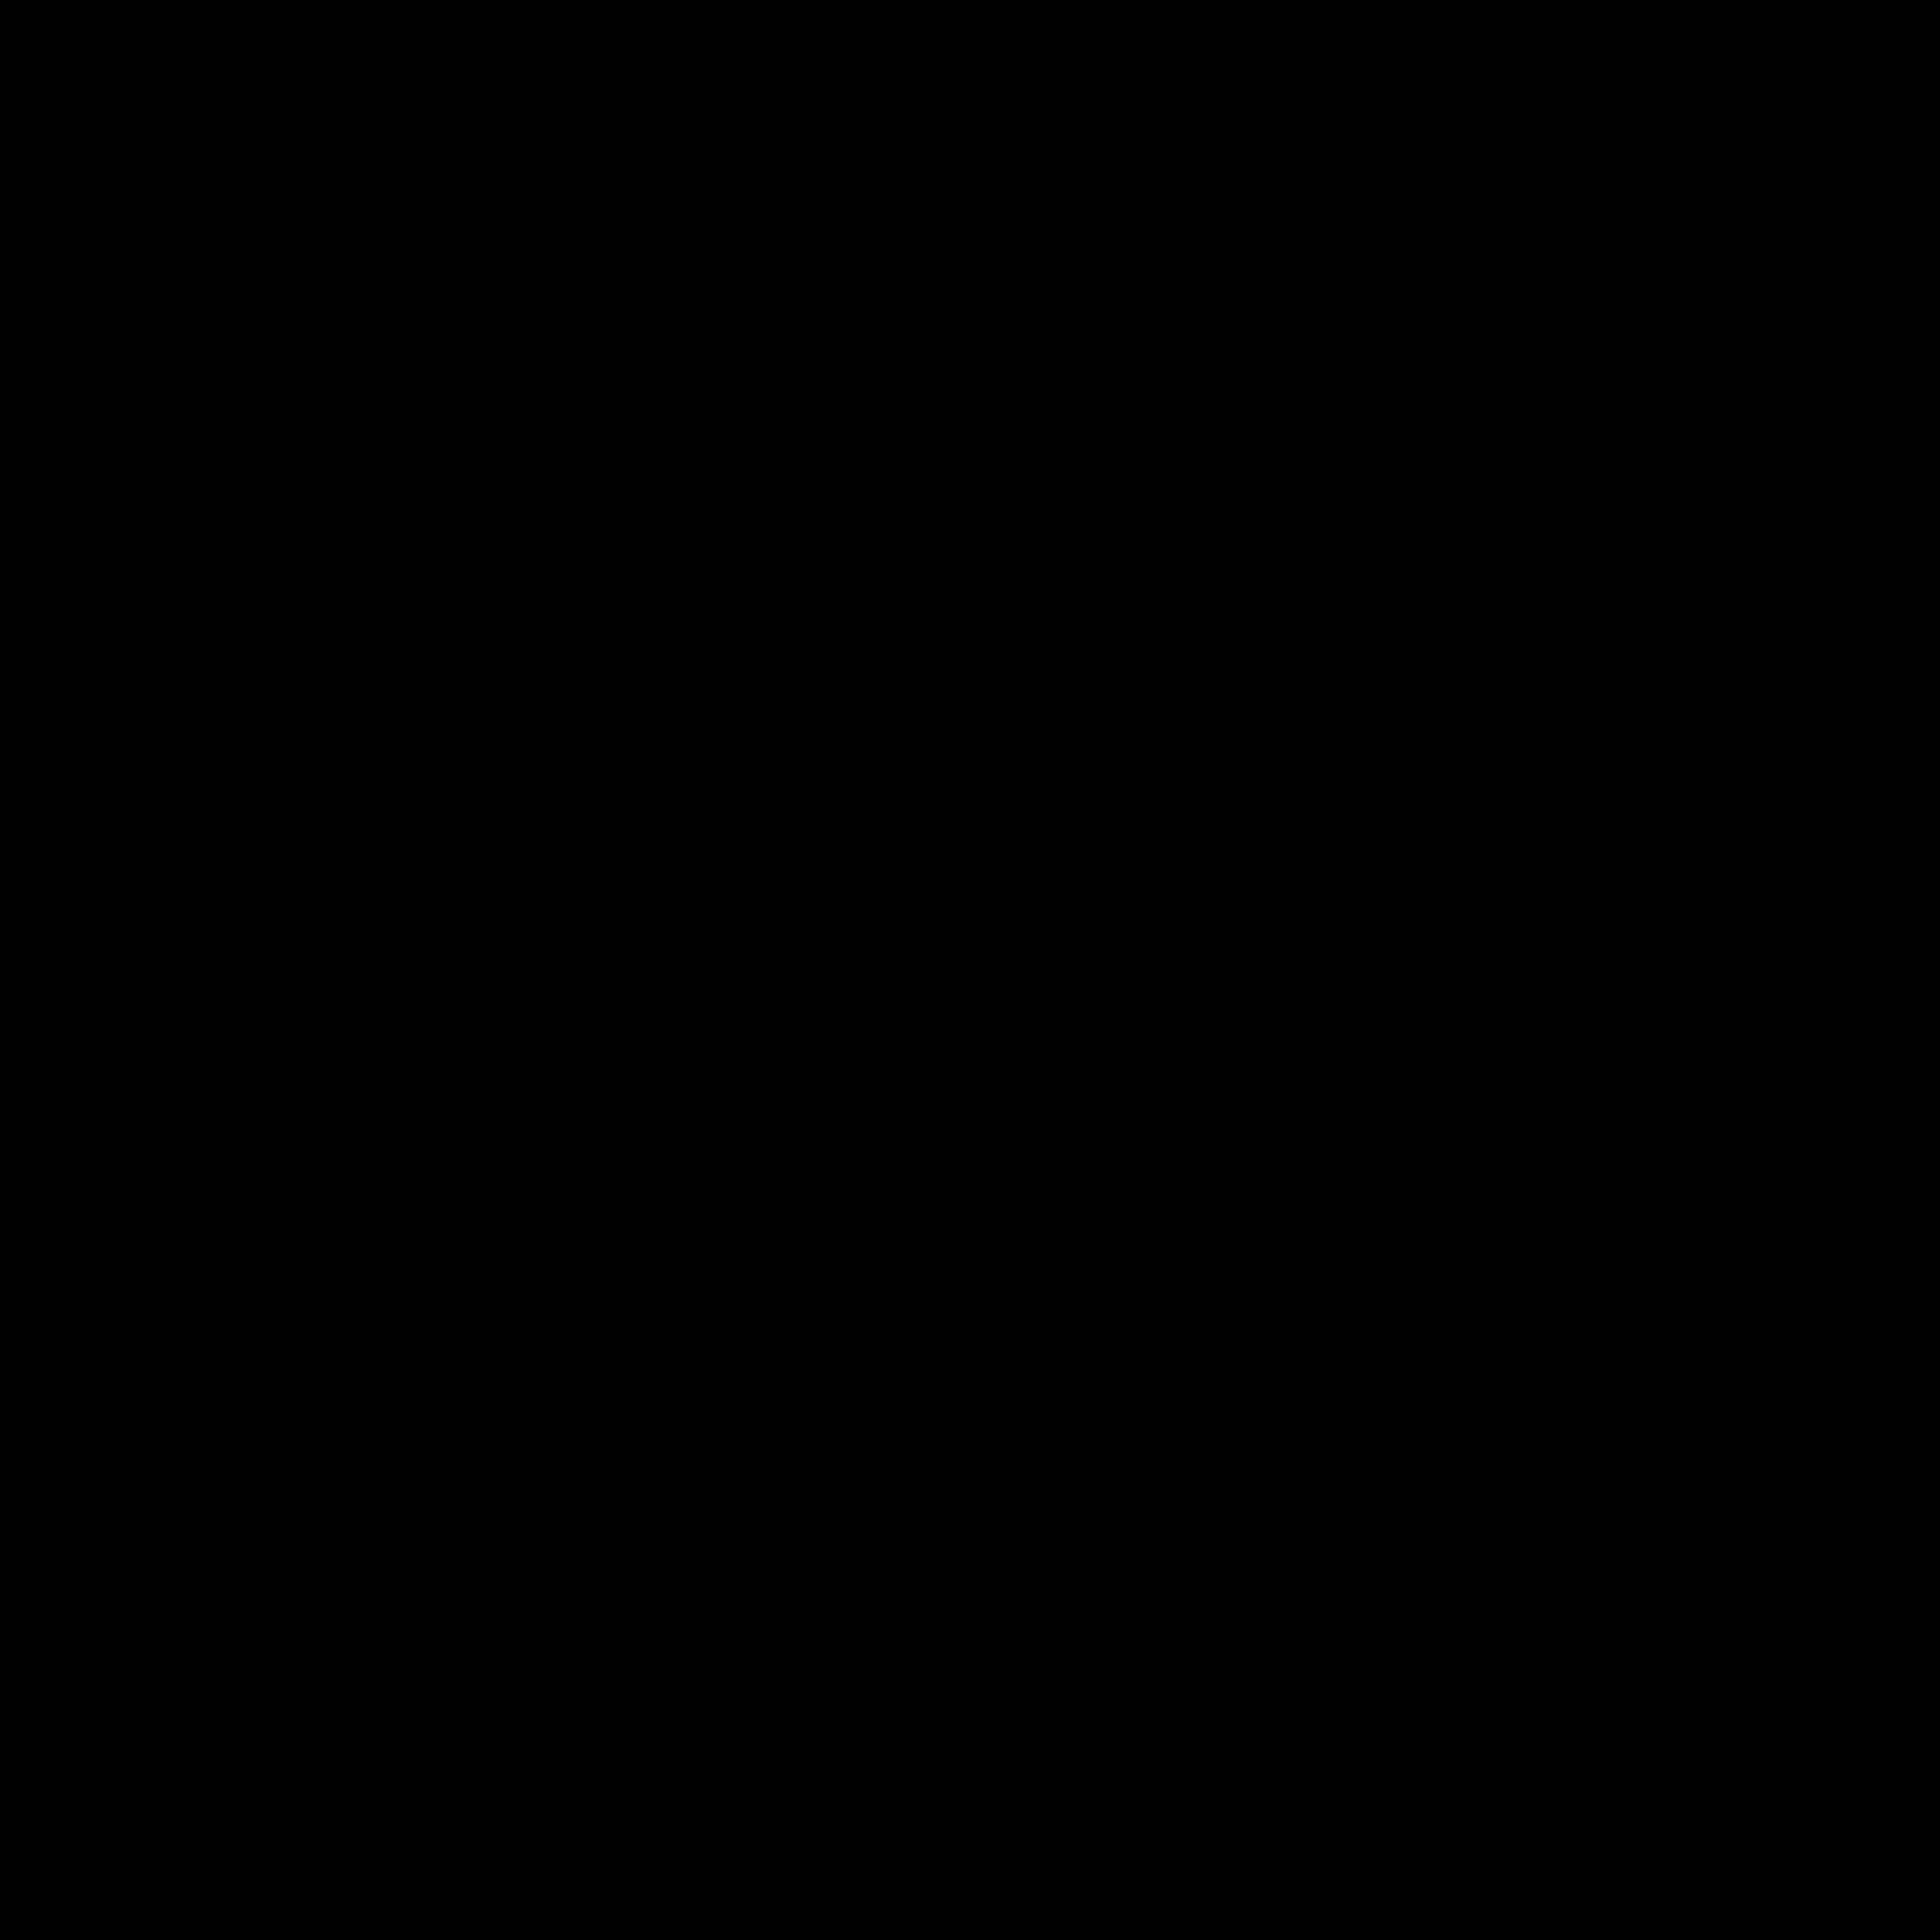 安联保险【山峰台历】